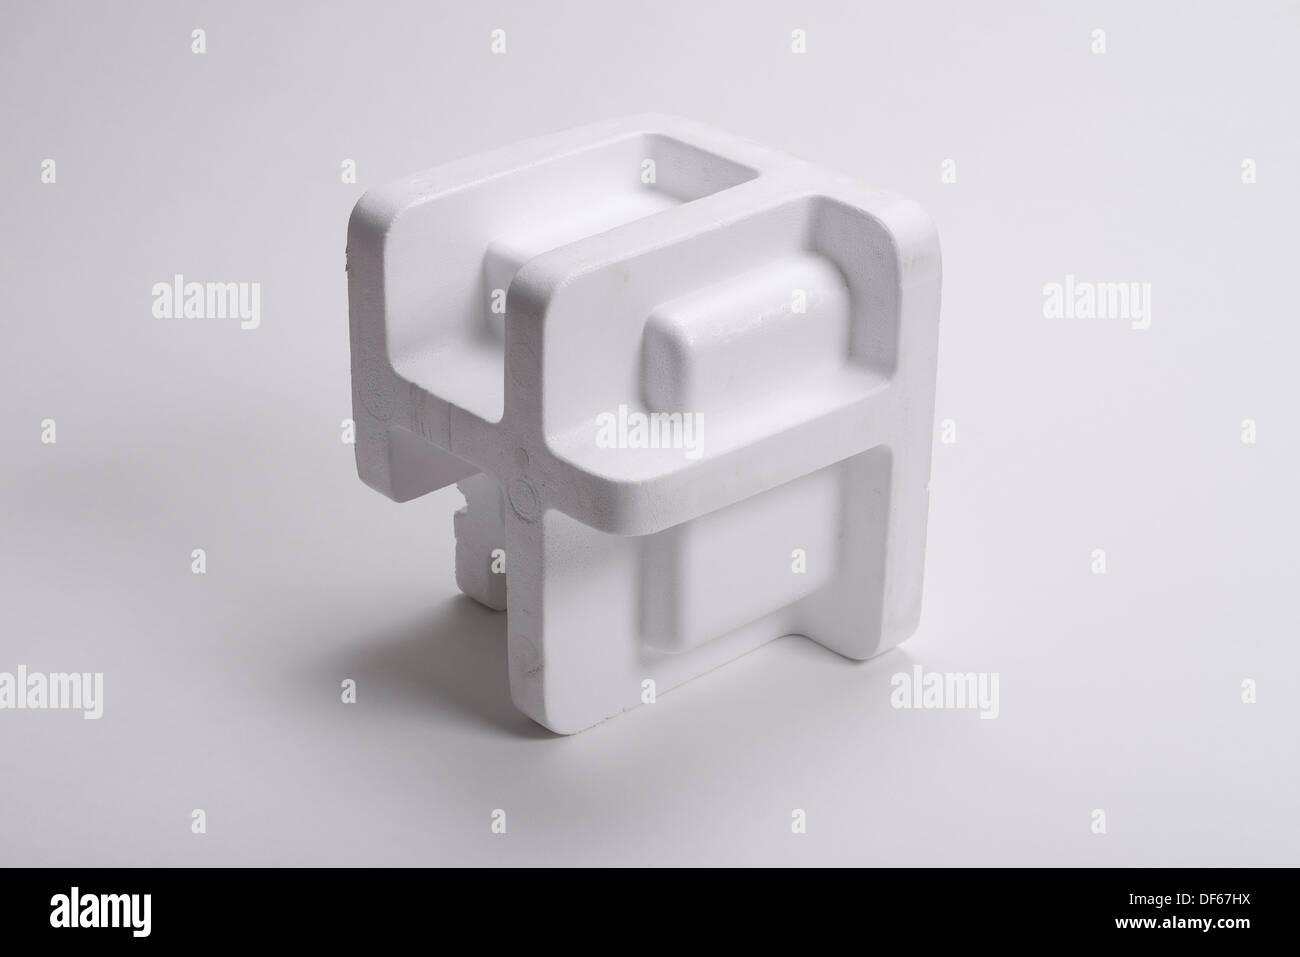 Stück von weißem Polystyrol geformt wie ein Stück Verpackungsmaterial Stockbild